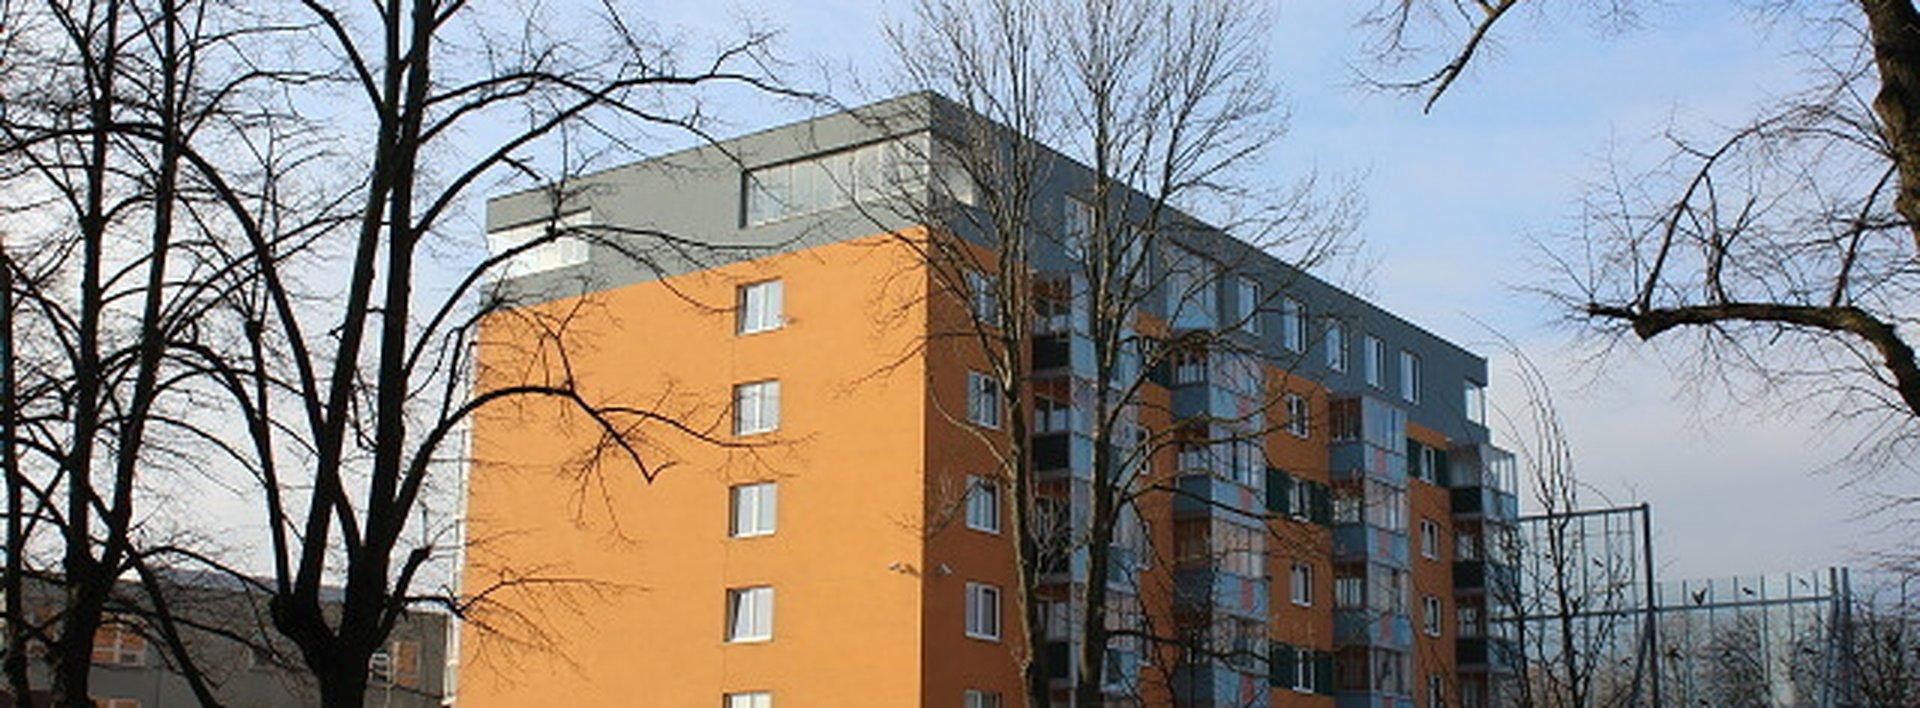 Prodej bytu 4+kk se zaskl. lodžií v OV s krytým gar. stáním, Americká, Liberec, Ev.č.: N48525